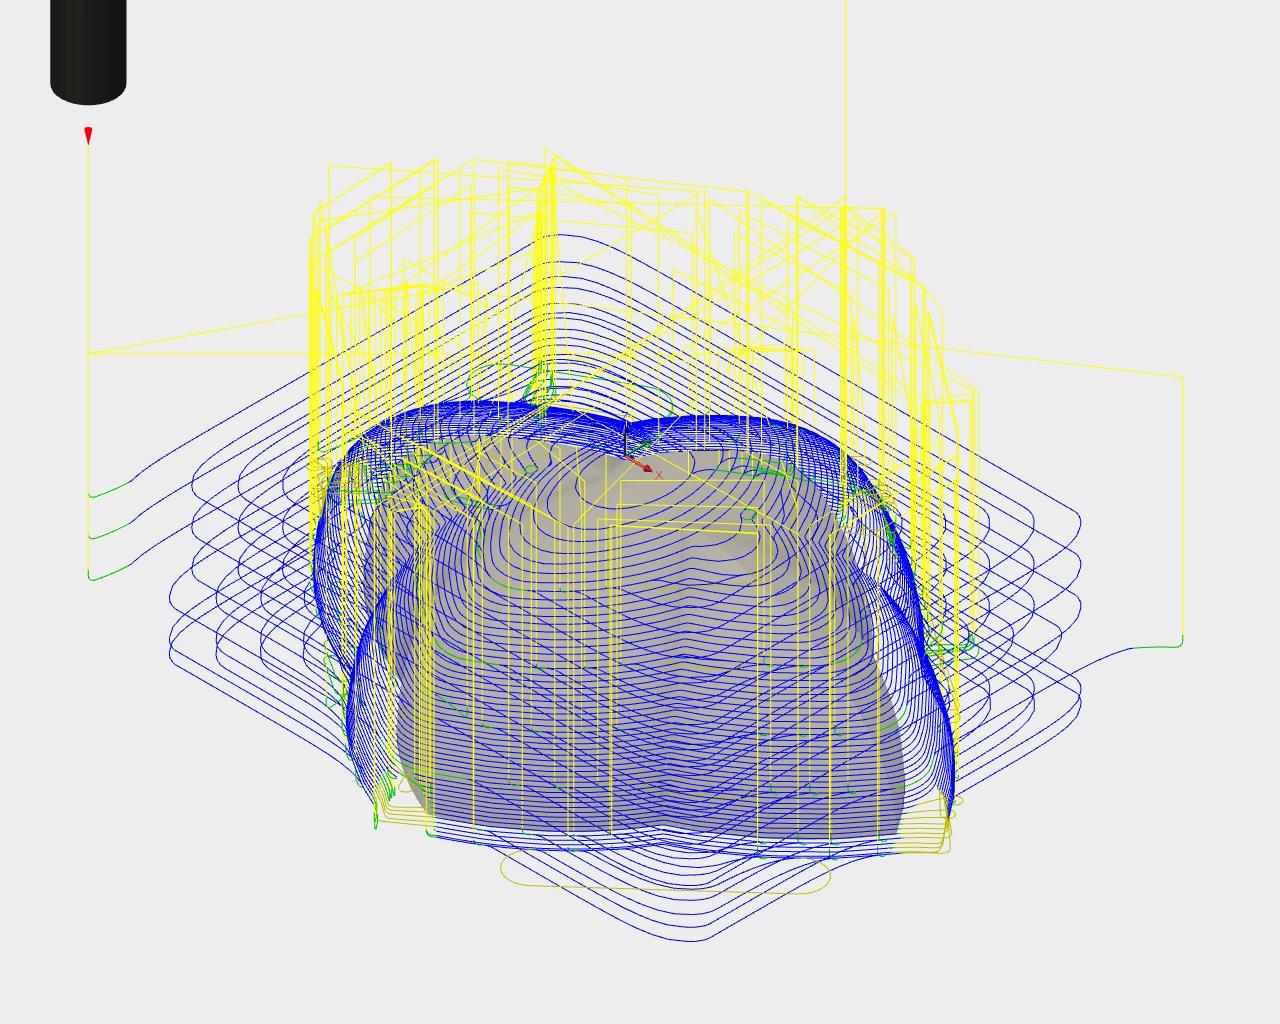 sphere-thing-v10.jpg